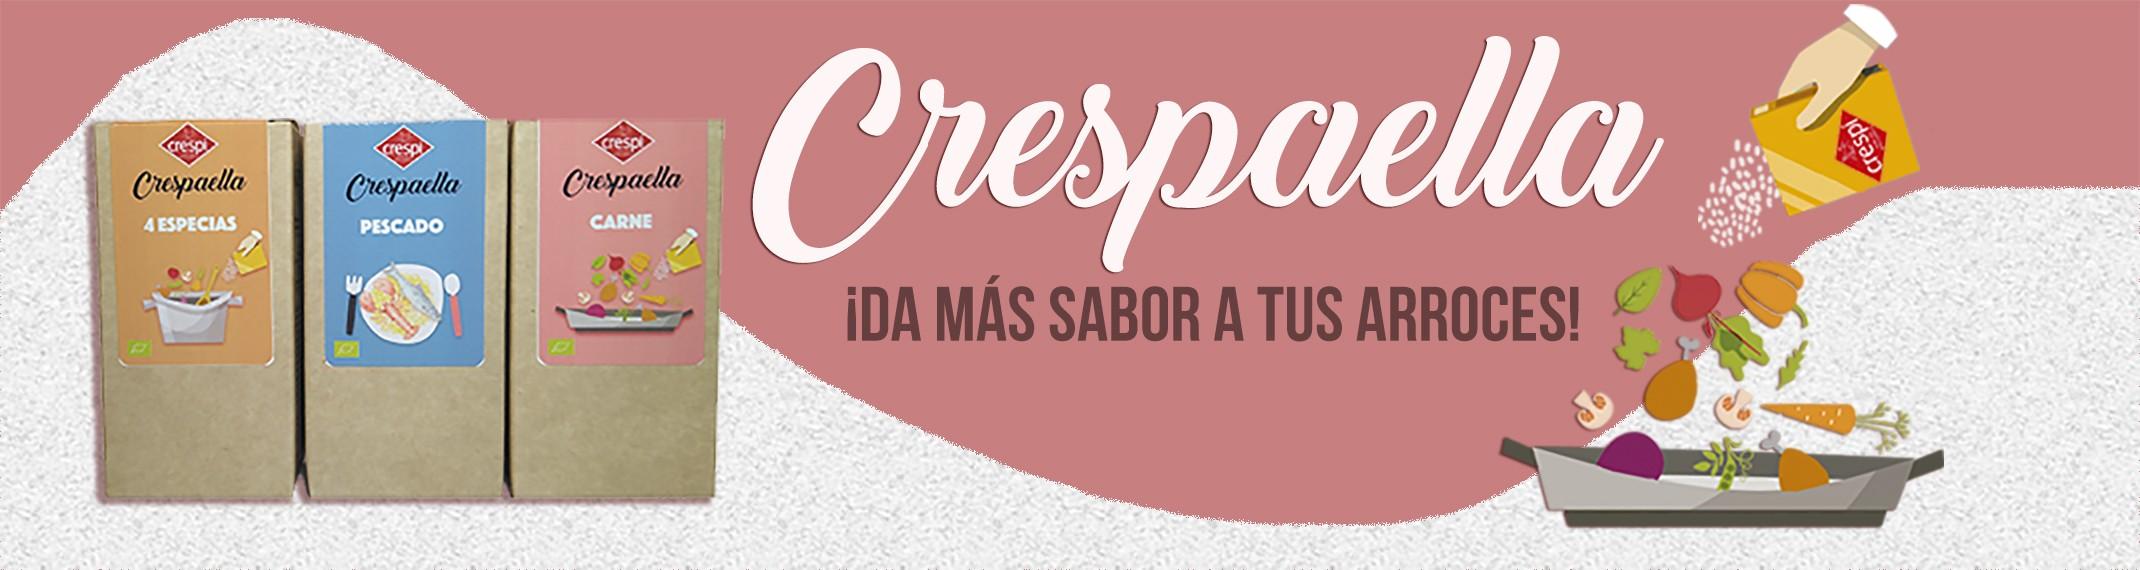 Crespaella